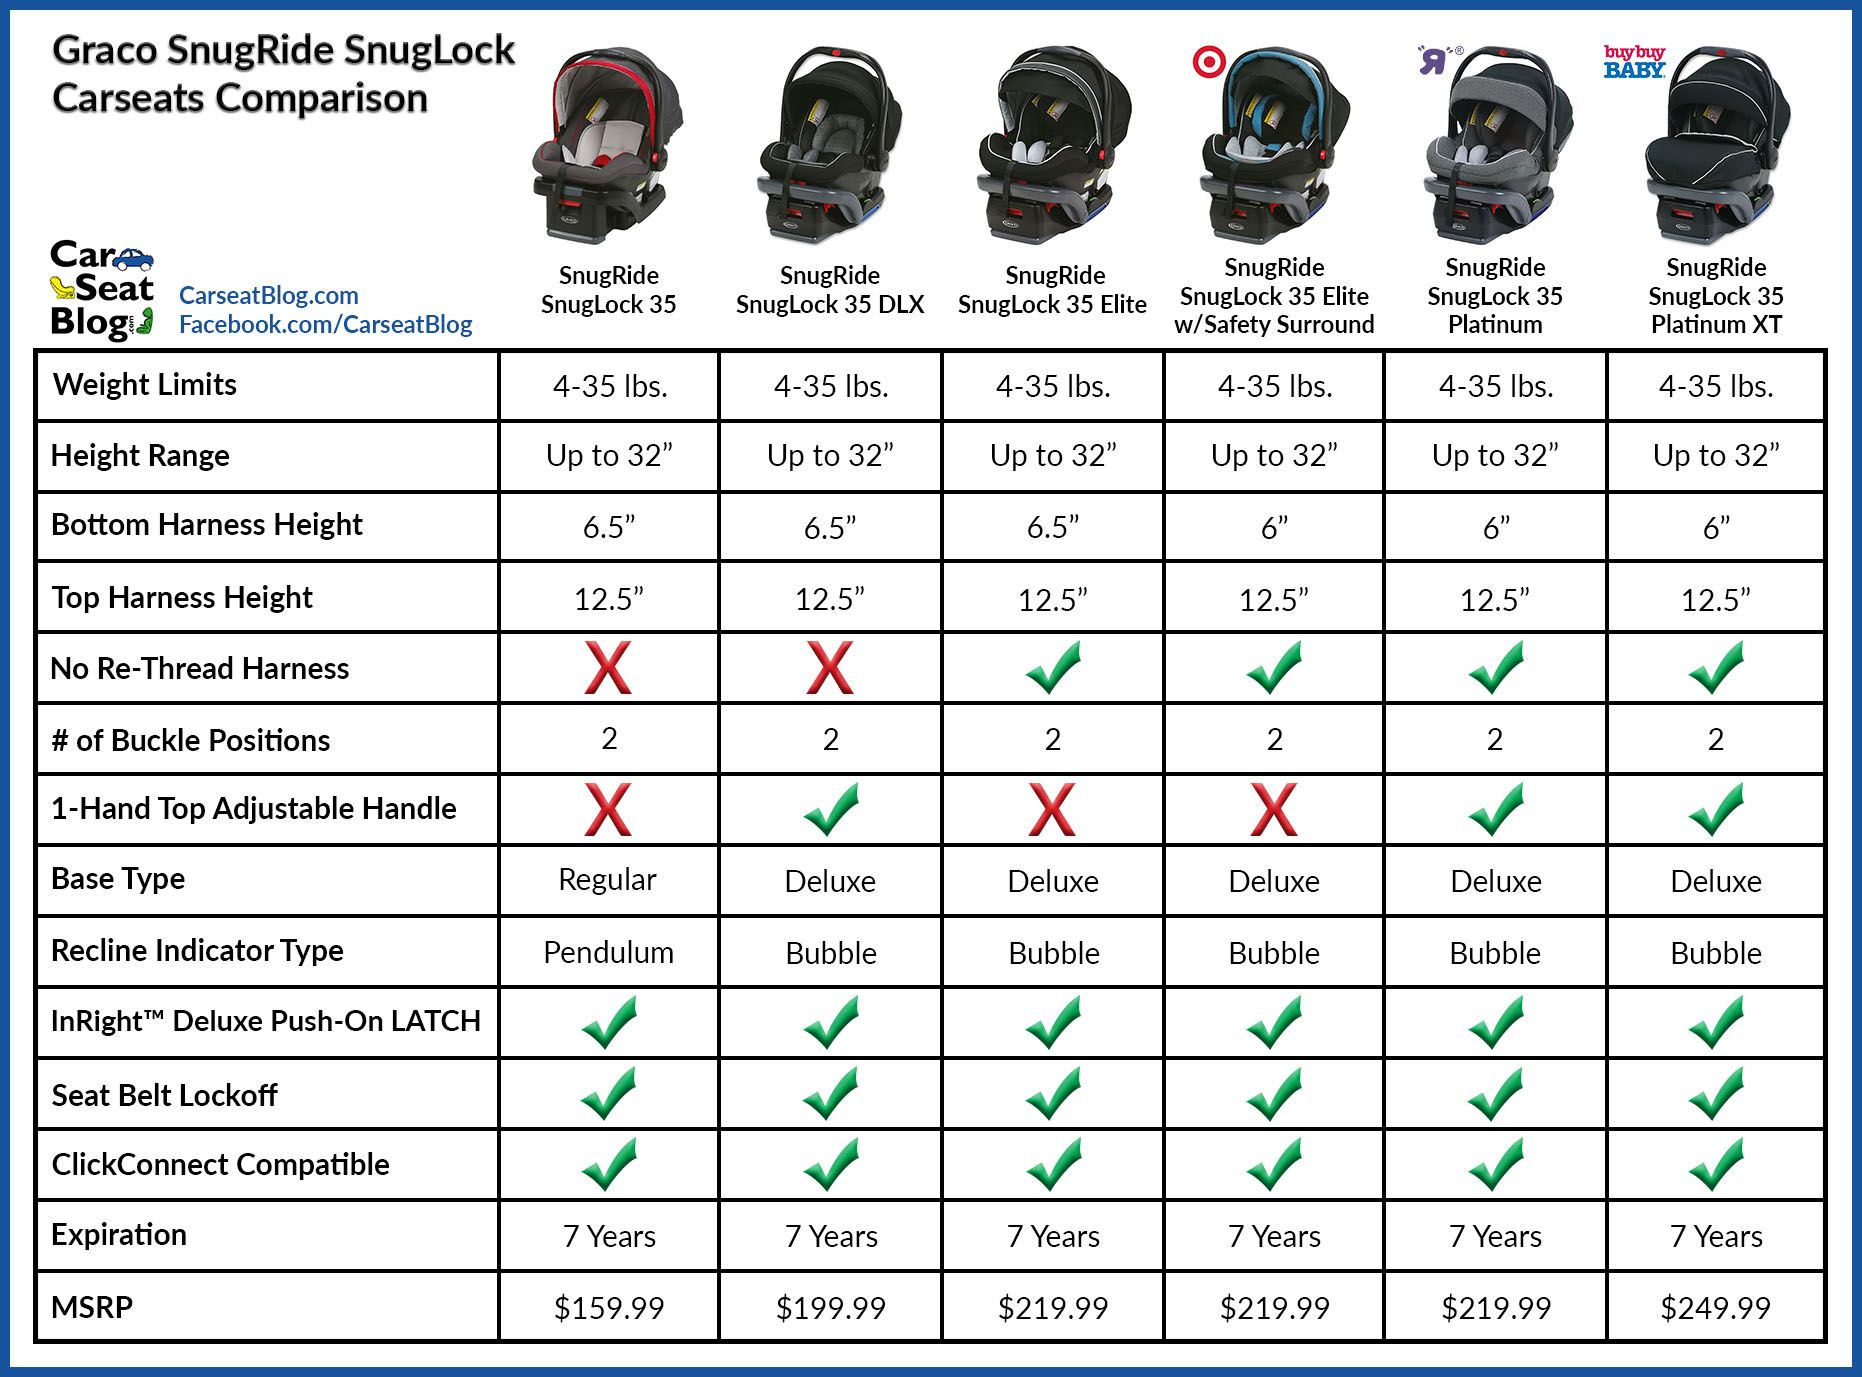 Graco Snugride Snuglock Comparison Graco Carseat